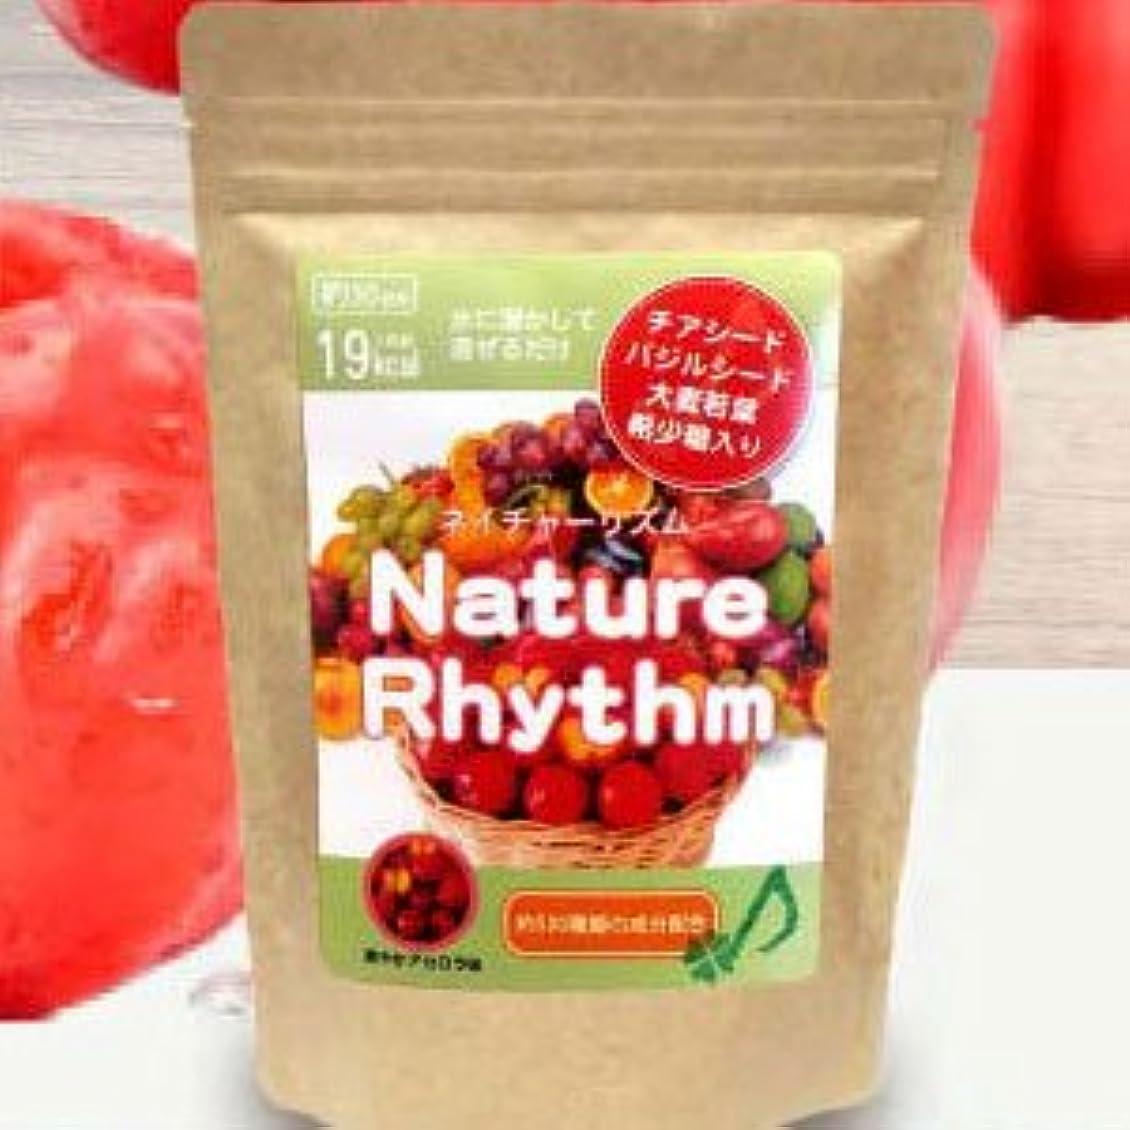 汚染された支配する周辺Nature Rhythm スーパーフードMIX酵素スムージー グリーンスムージー ダイエット (爽やかアセロラ, 200g)